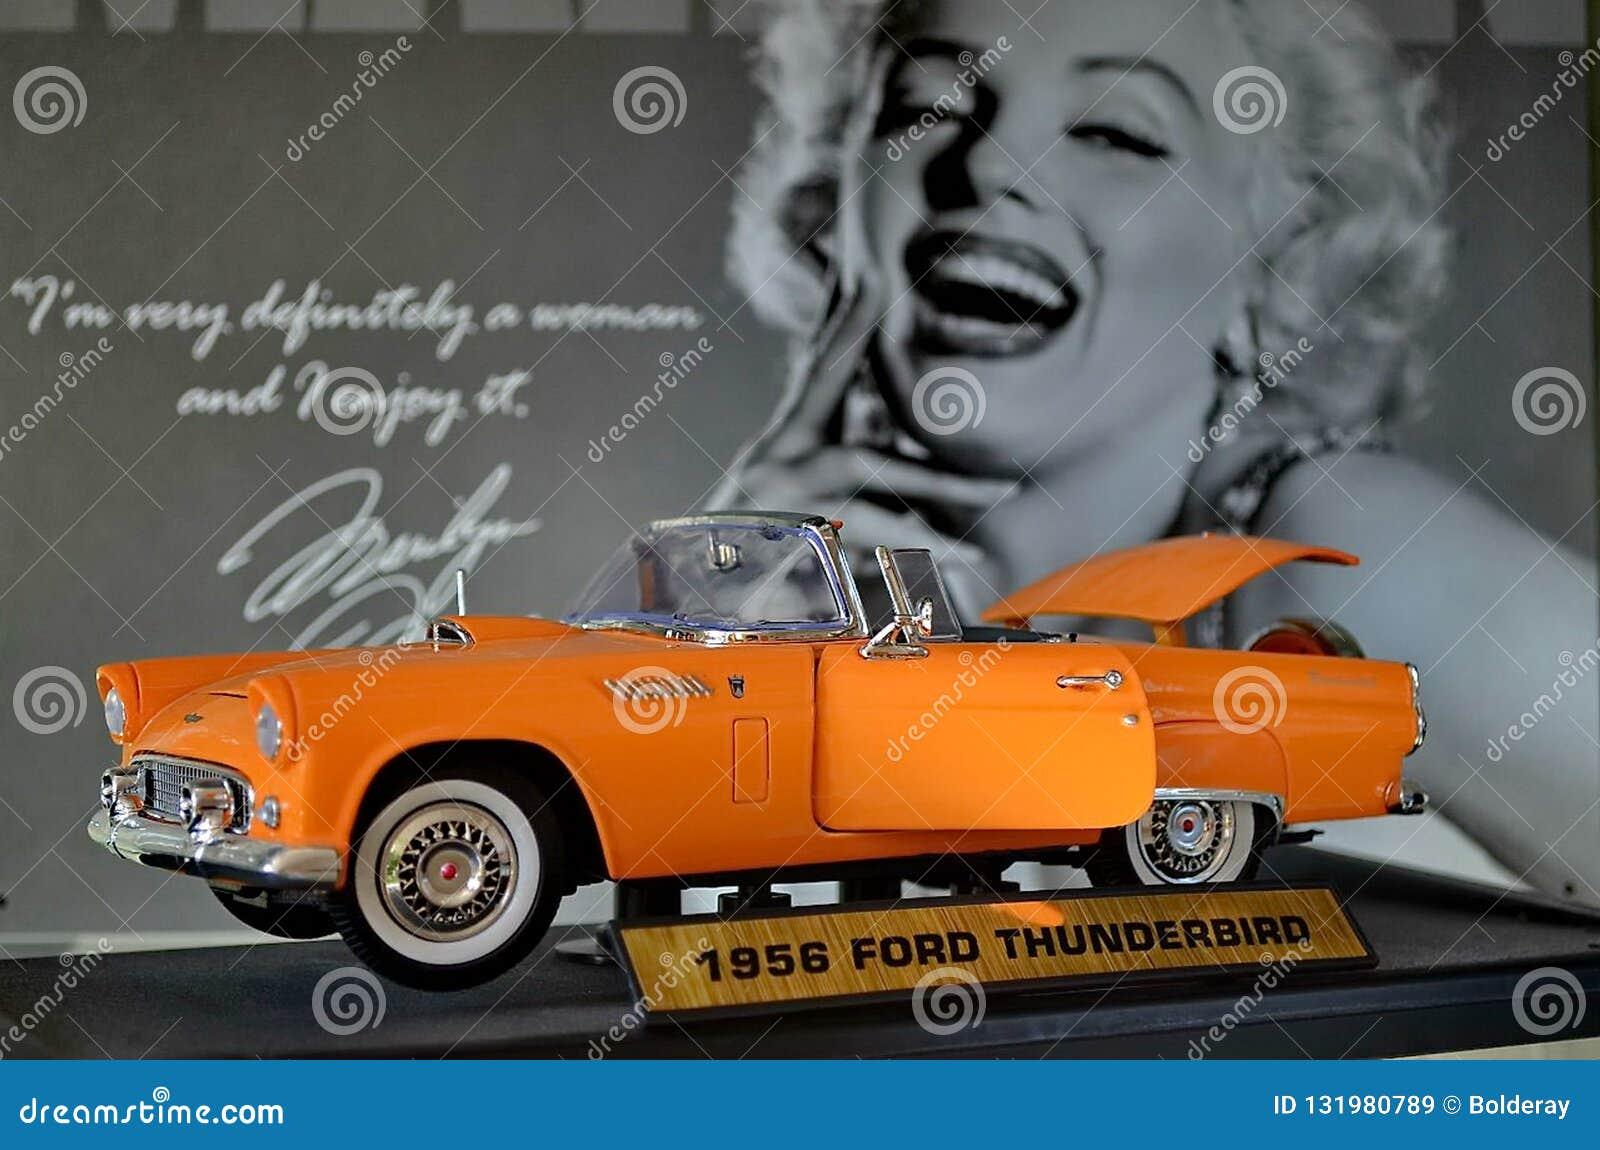 Wystawa retro samochody Kabriolet samochodowy «Ford Thunderbirg «Także znać pod akronimu ptakiem, Rok manufaktura 1956